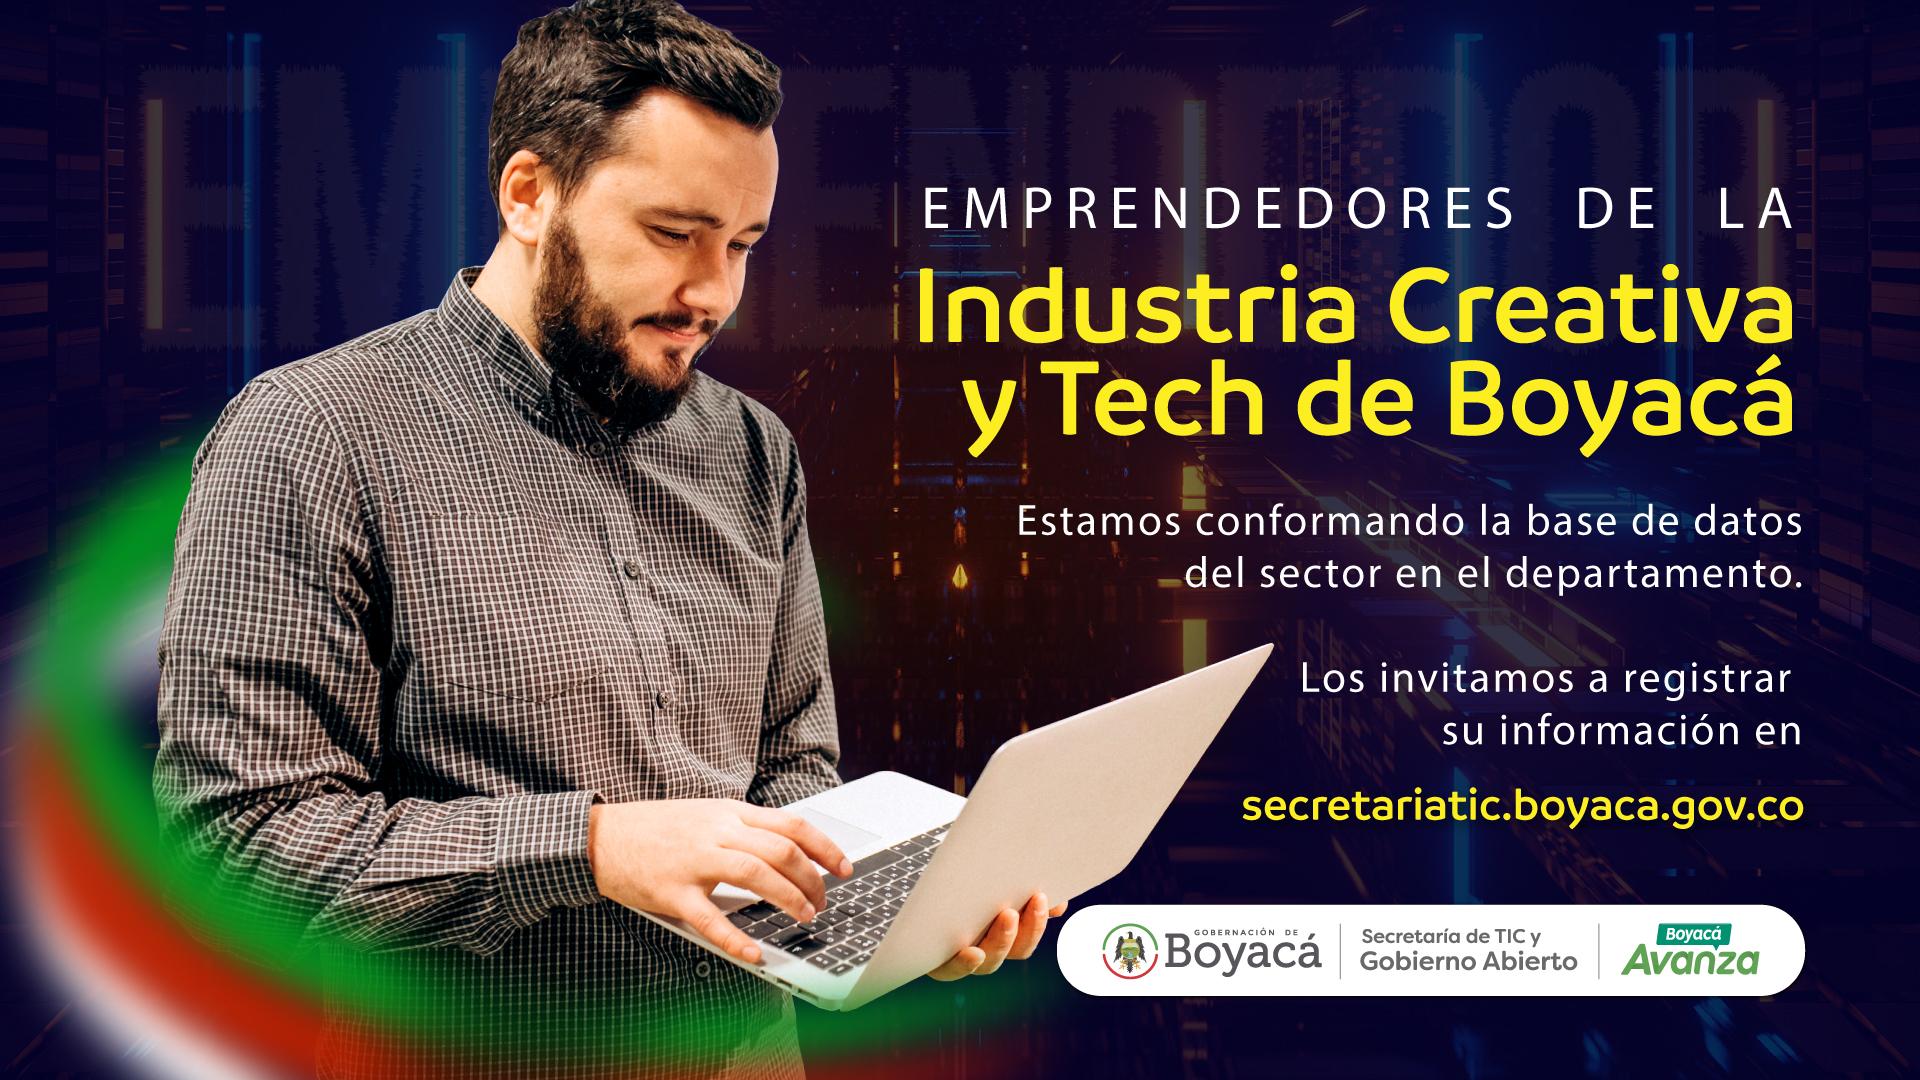 Invitamos a los emprendedores de la industria creativa y tech a registrar su información.